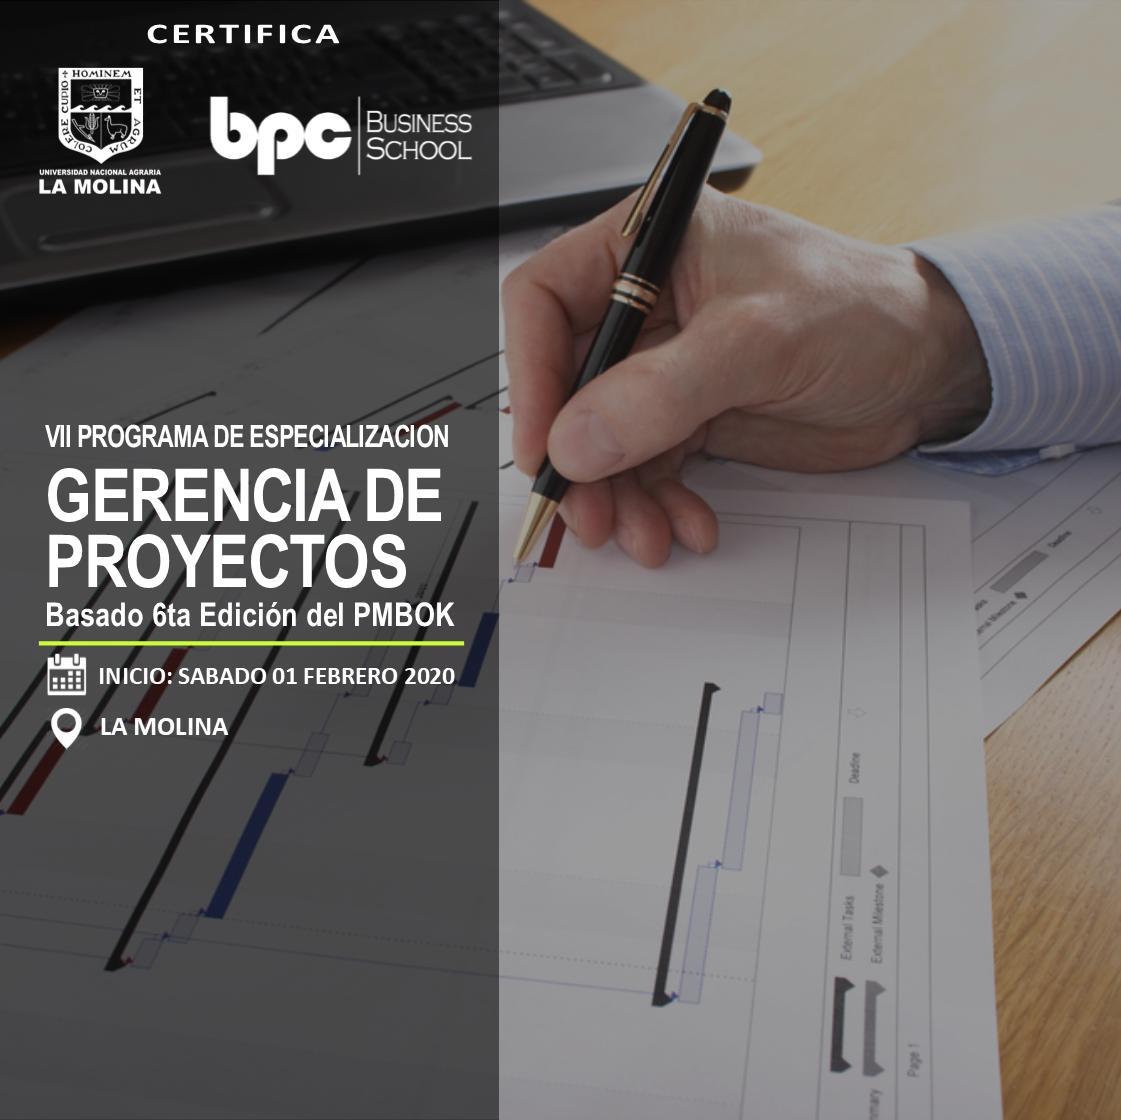 VII PDE en Gerencia de Proyectos PMBOK (Estado de Emergencia)